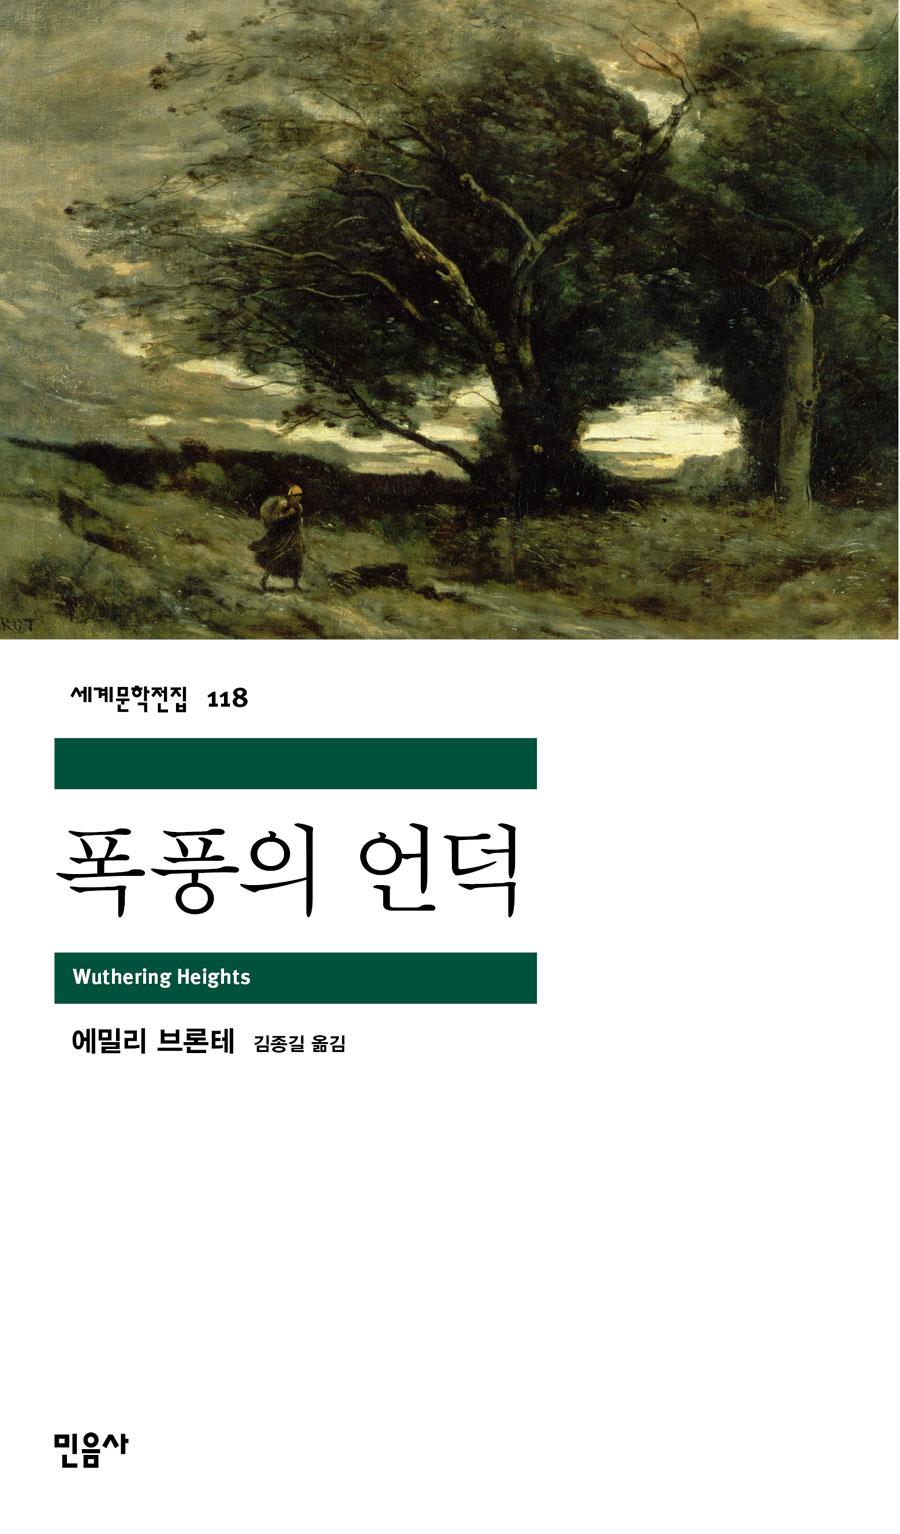 [고전읽기-068] 폭풍의 언덕 (에밀리 브론테) 민음사 세계문학 118